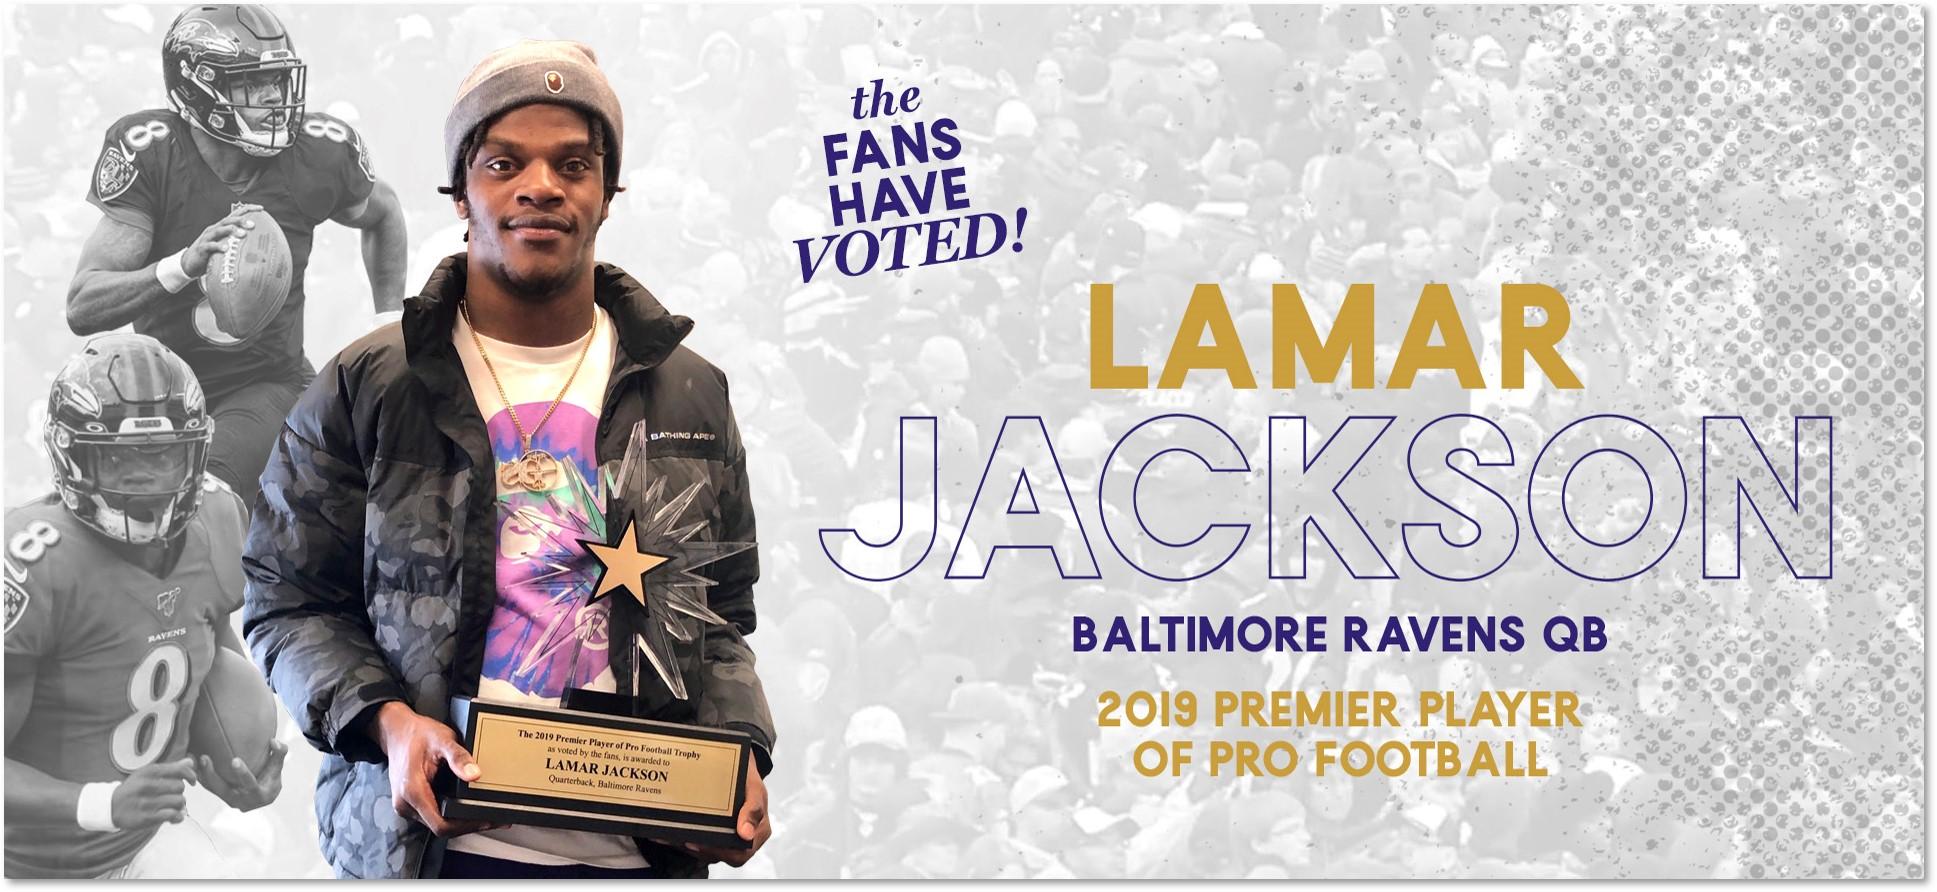 Lamar Jackson Large Image v cropped